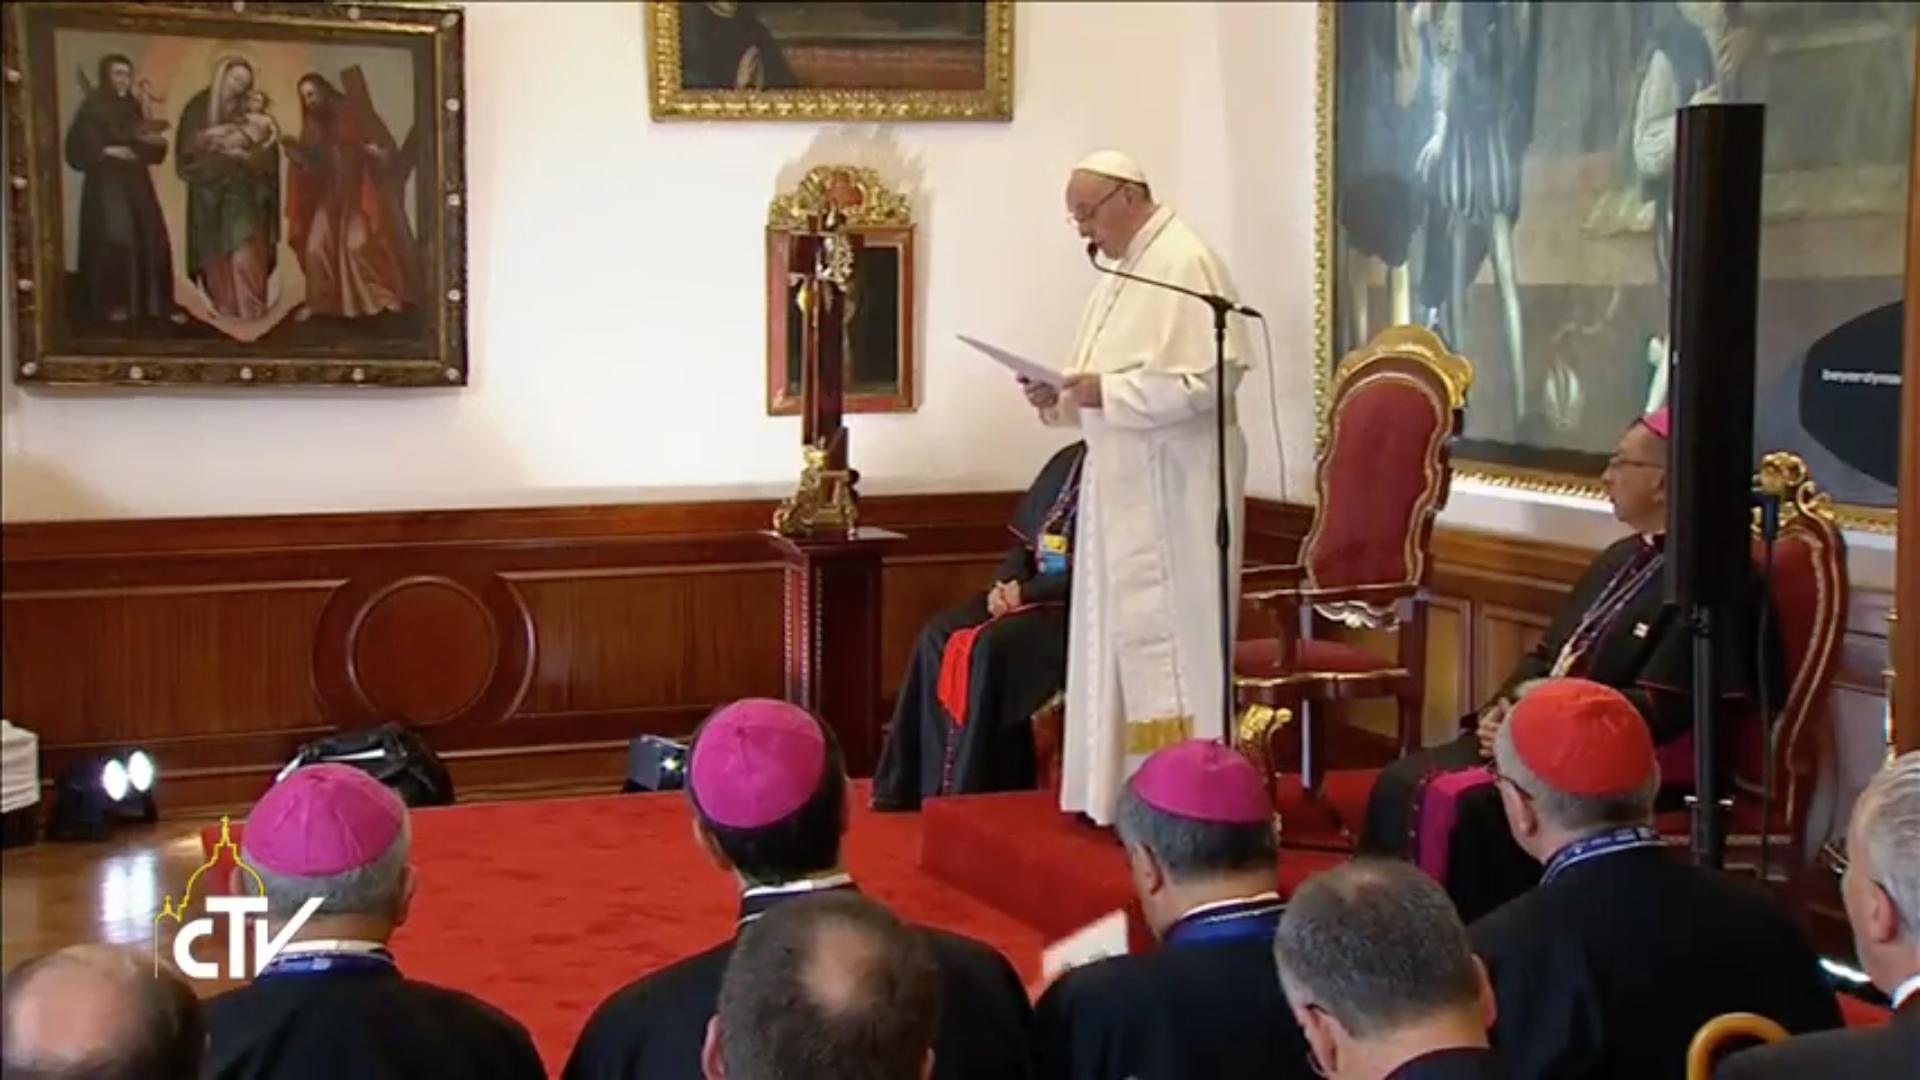 Le pape rencontre les évêques colombiens à Bogota, capture CTV